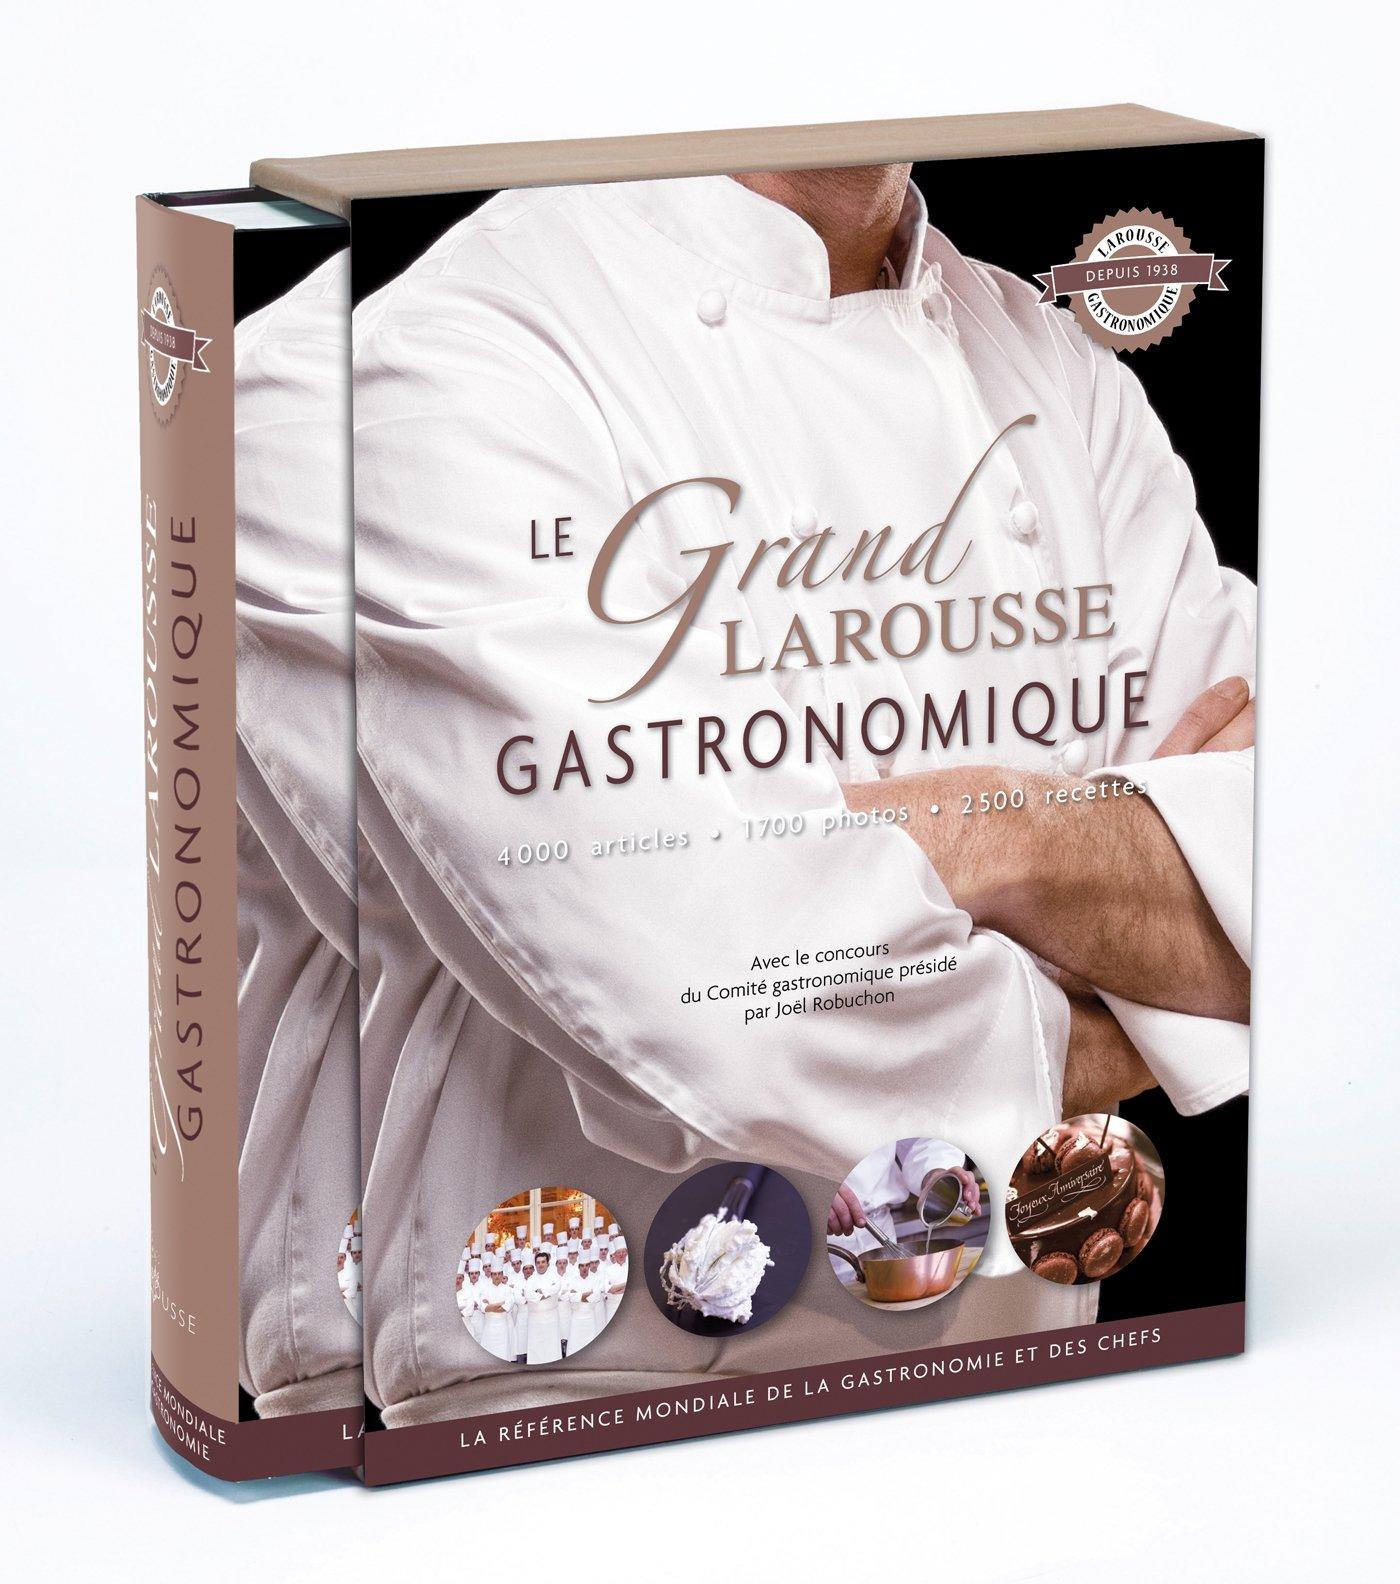 Le Grand Larousse Gastronomique: Nouvelle Edition